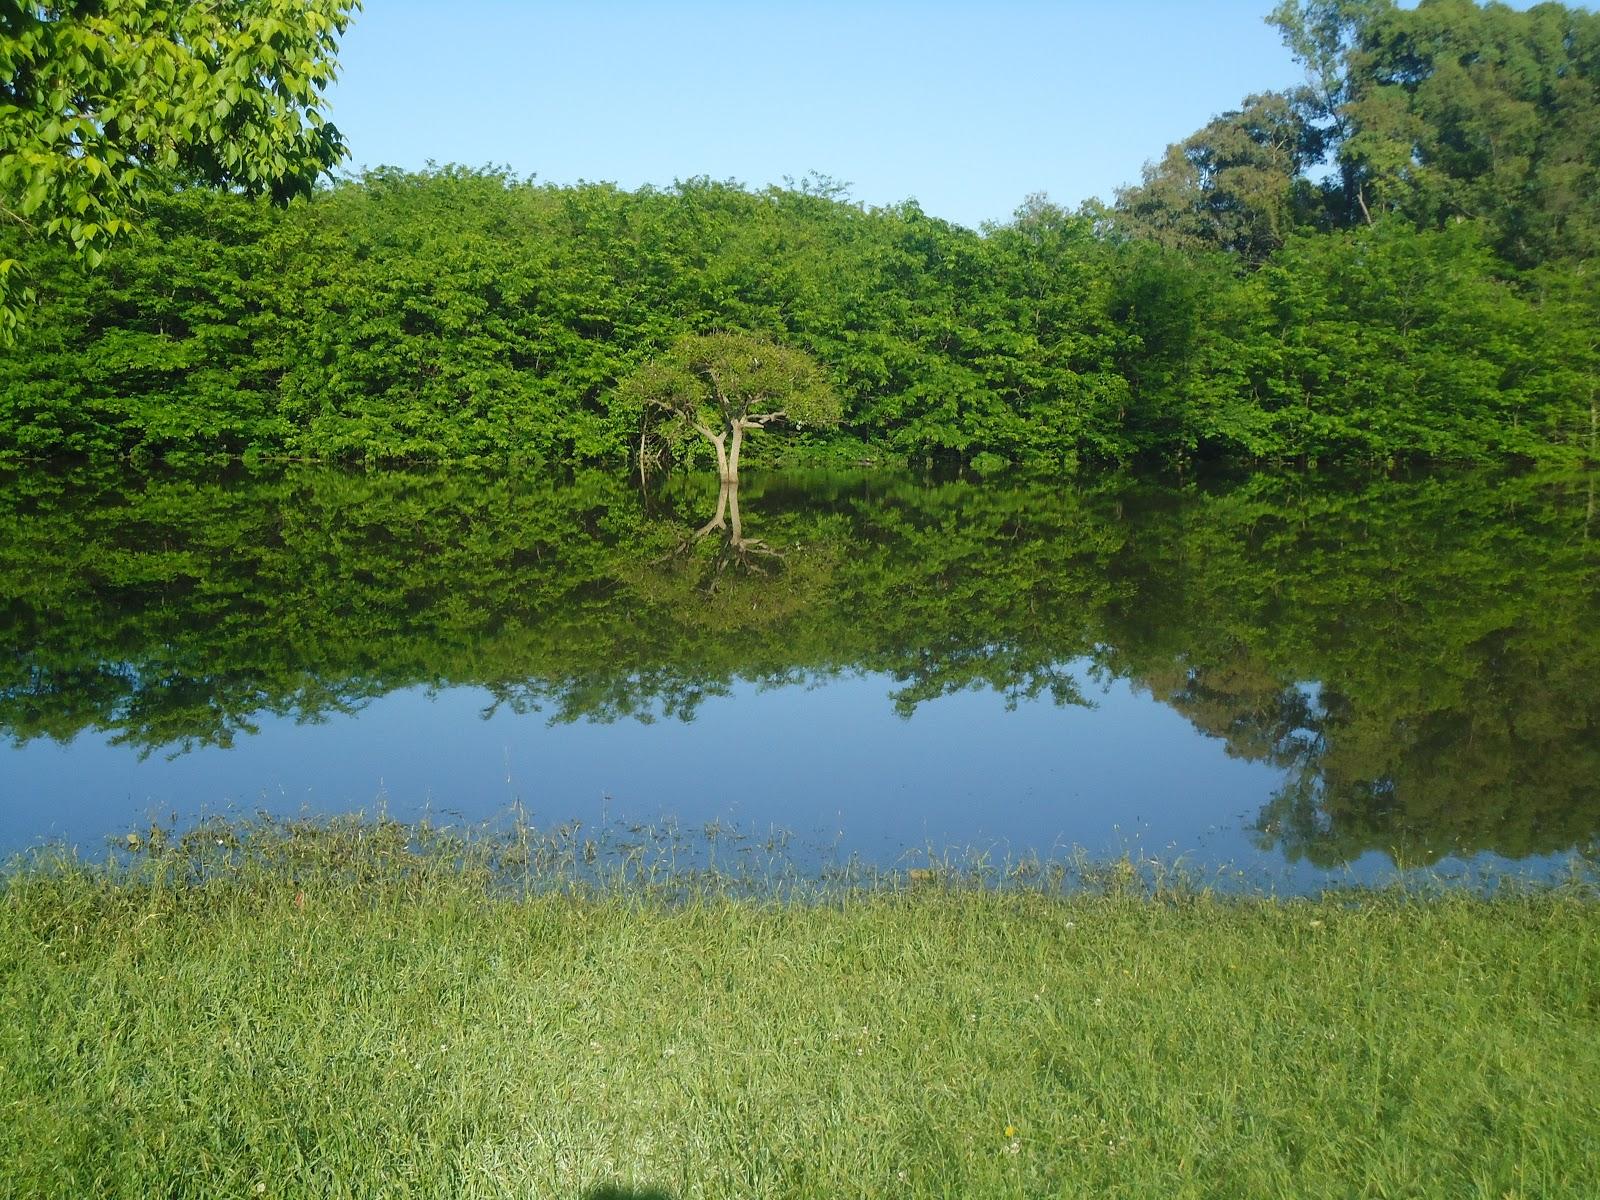 El ureo espantajo el estanque de agua quieta for Estanque de agua